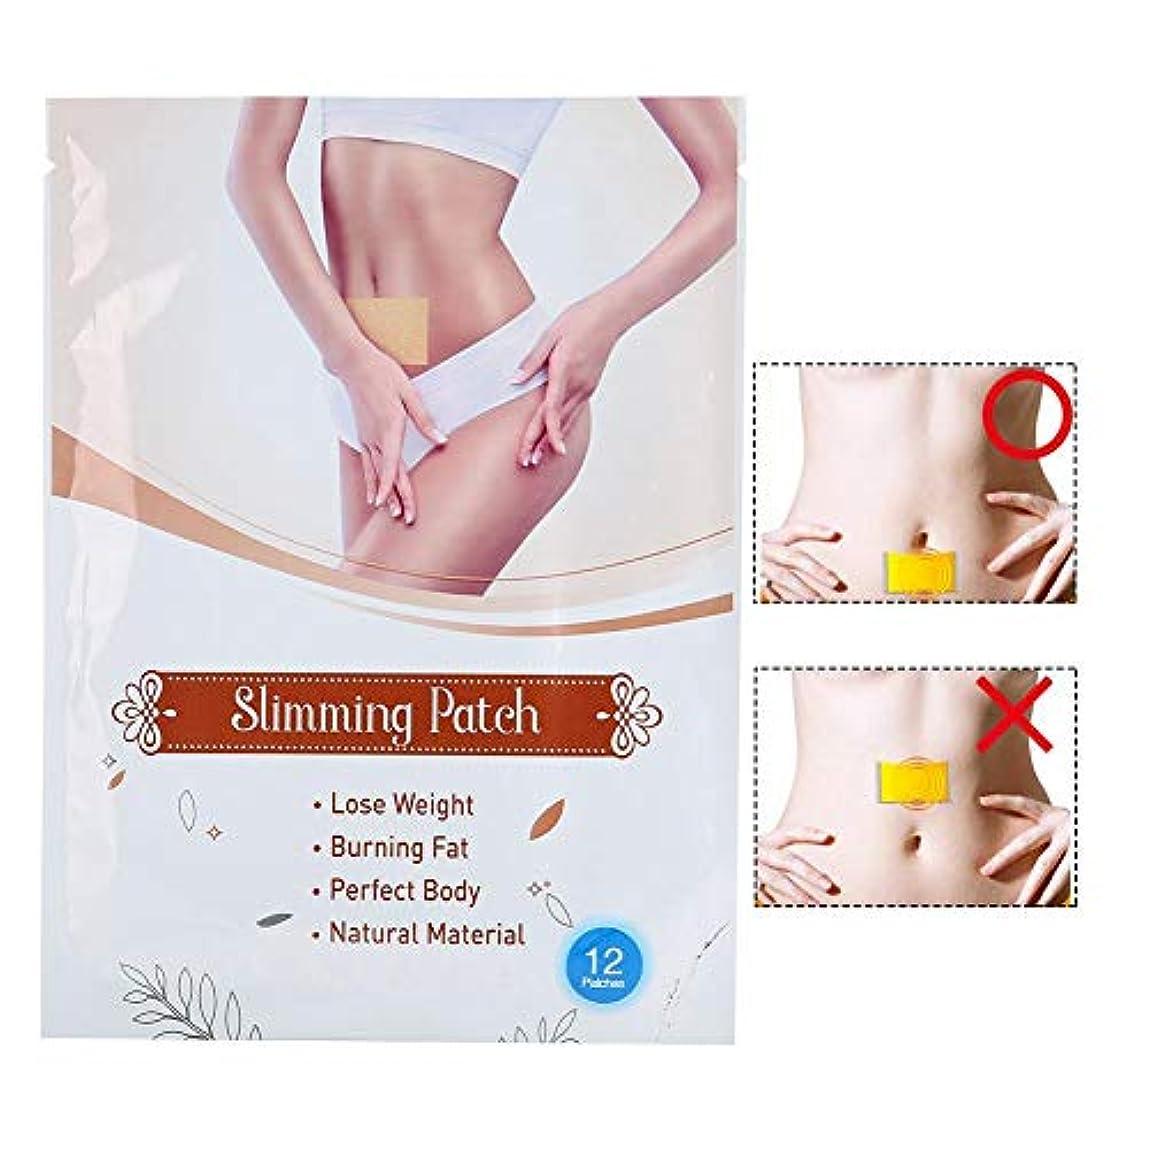 みなす根絶する倒産12PCS痩身ステッカー - 体脂肪バーナー - 減量デトックス、スリムパッチ - 男性と女性用